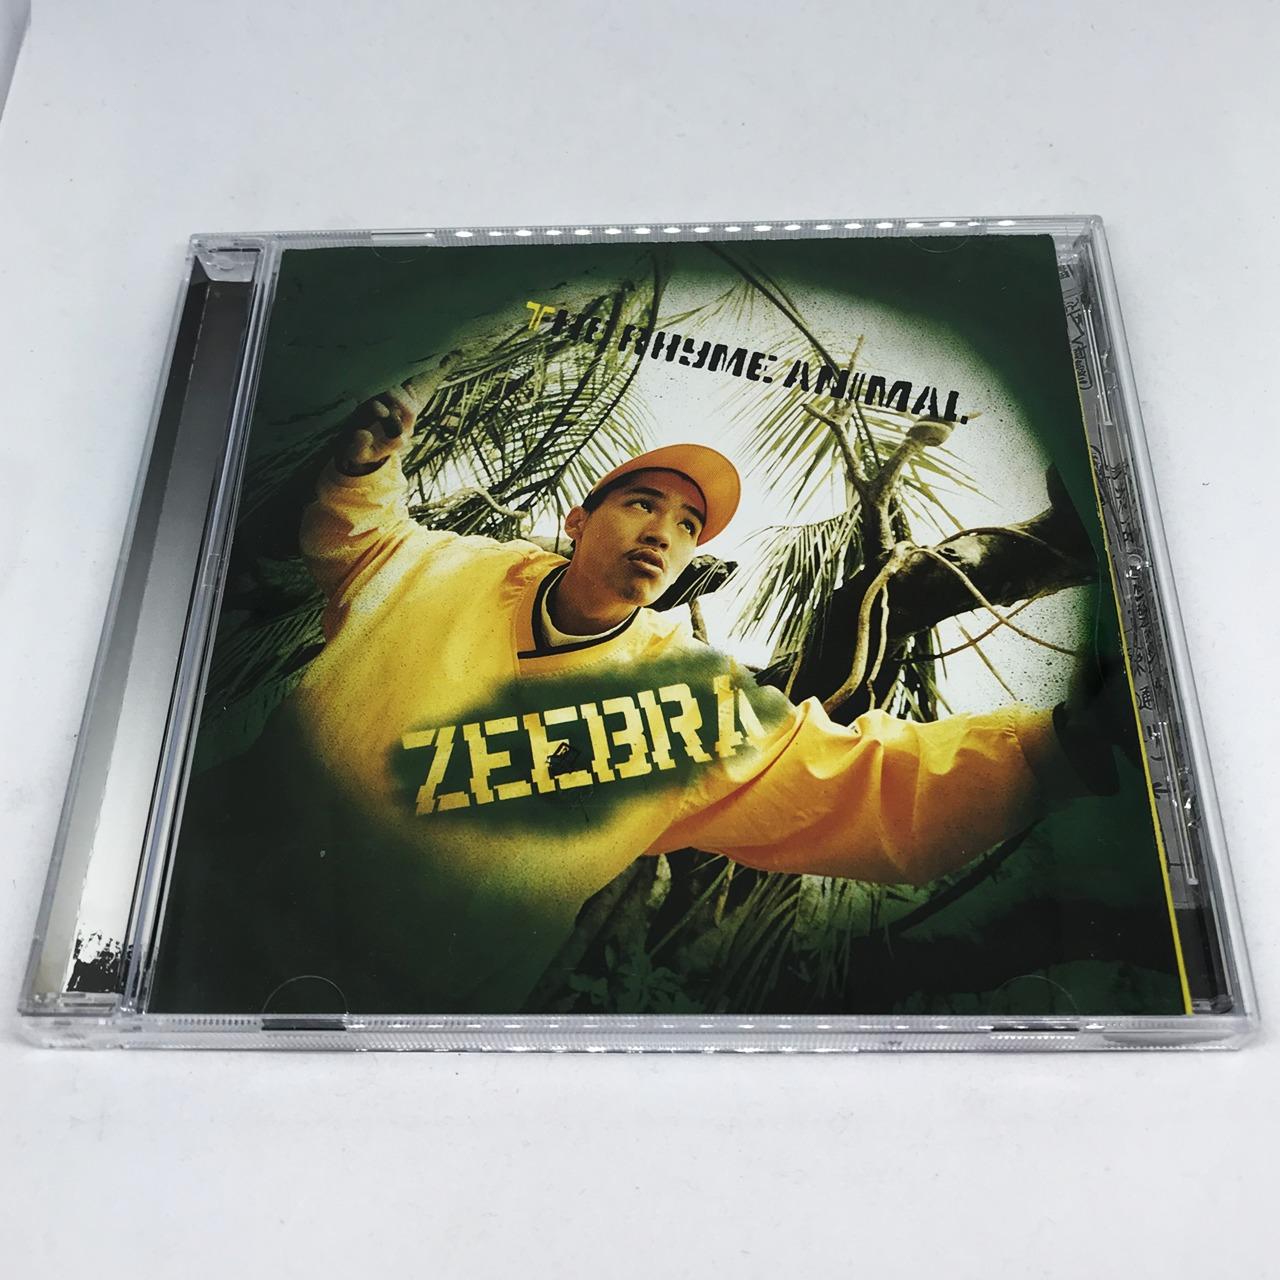 ZEEBRA / THE RHYME ANIMAL